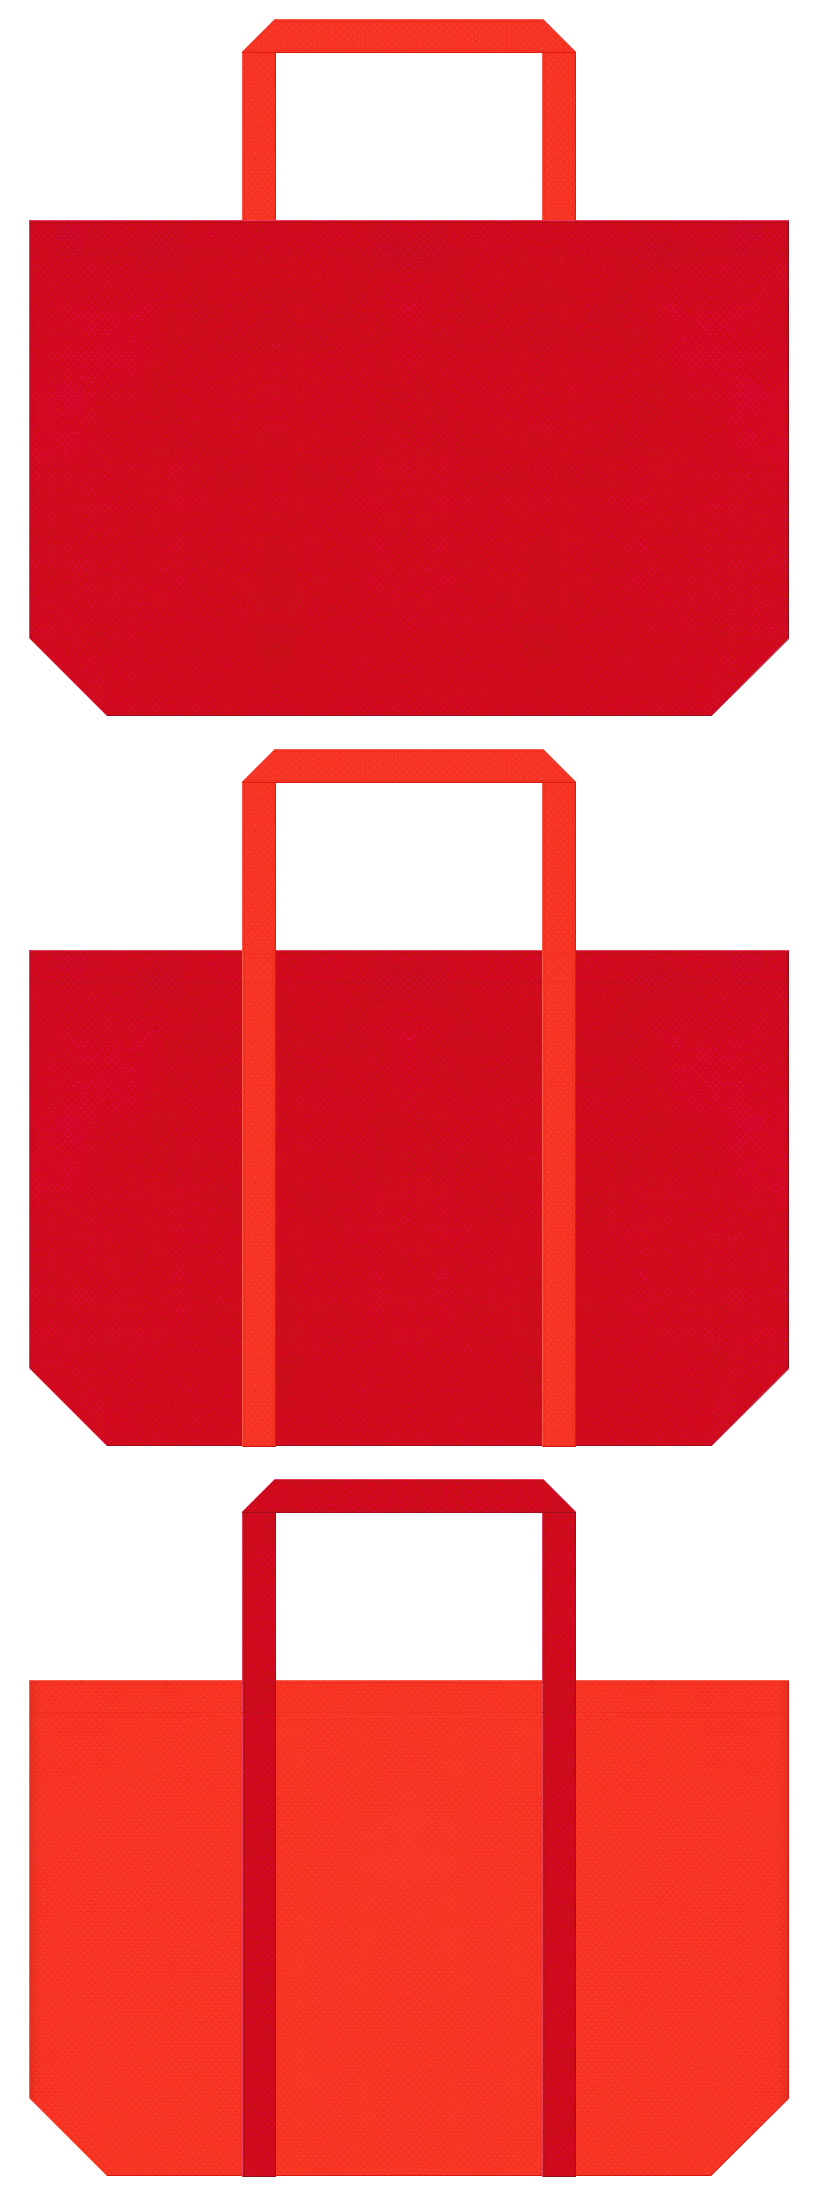 タバスコ・ラー油・激辛・サプリメント・太陽・充電・バッテリー・エネルギー・カイロ・暖房器具・スポーツバッグ・キャンプ・バーベキュー・アウトドア・紅葉・秋のイベント・観光土産のショッピングバッグにお奨めの不織布バッグデザイン:紅色とオレンジ色のコーデ